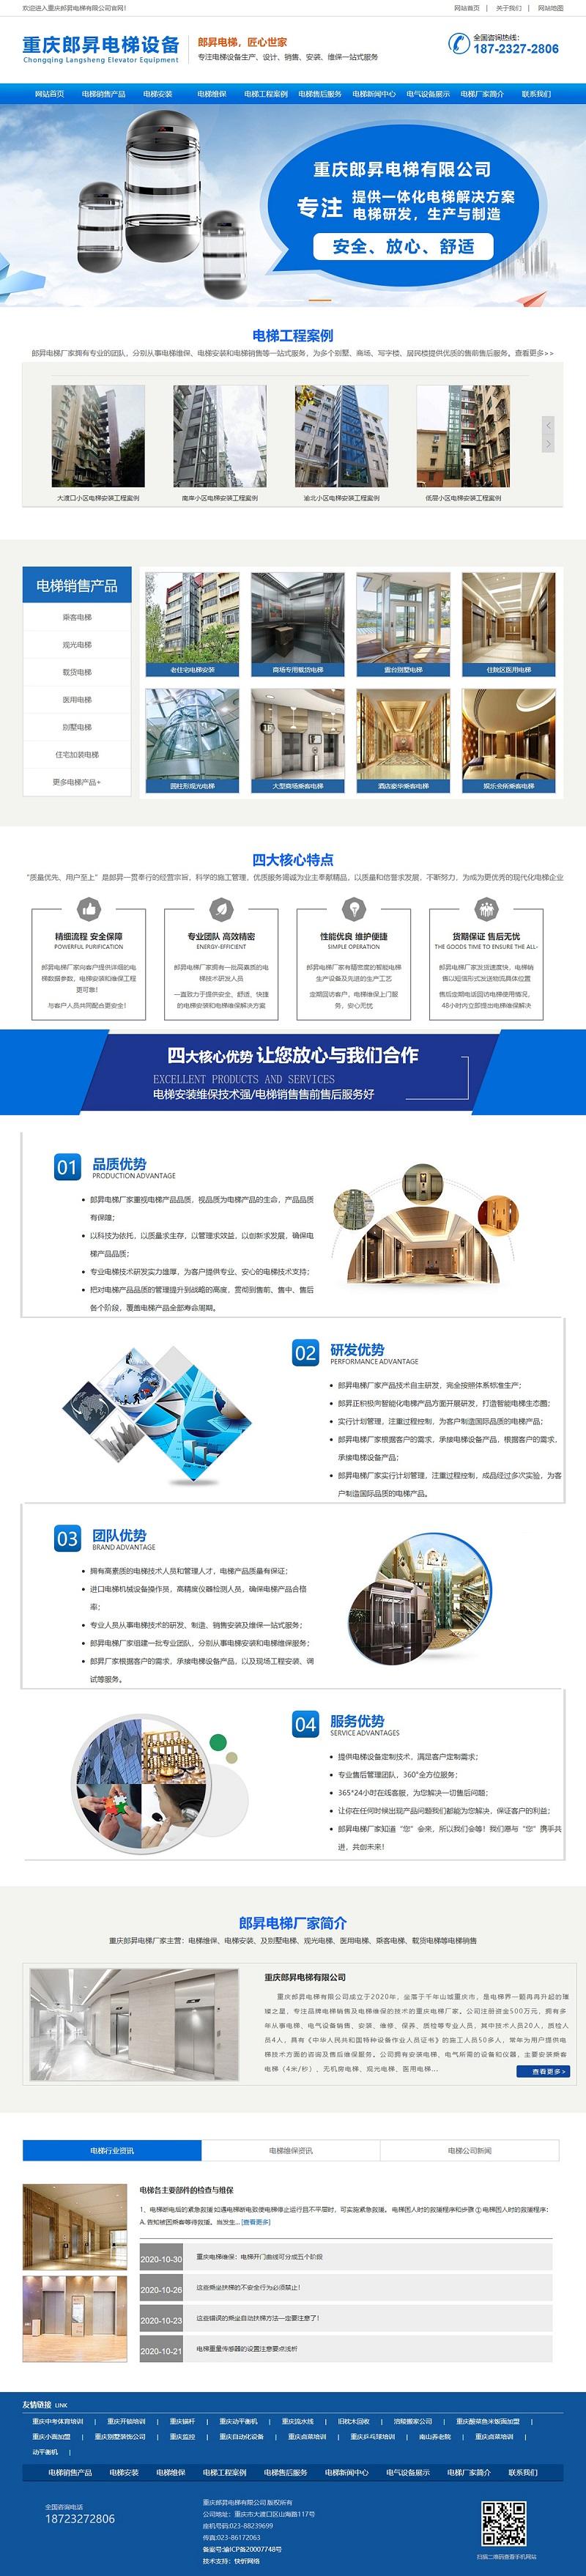 重庆郎昇电梯有限公司网站建设案